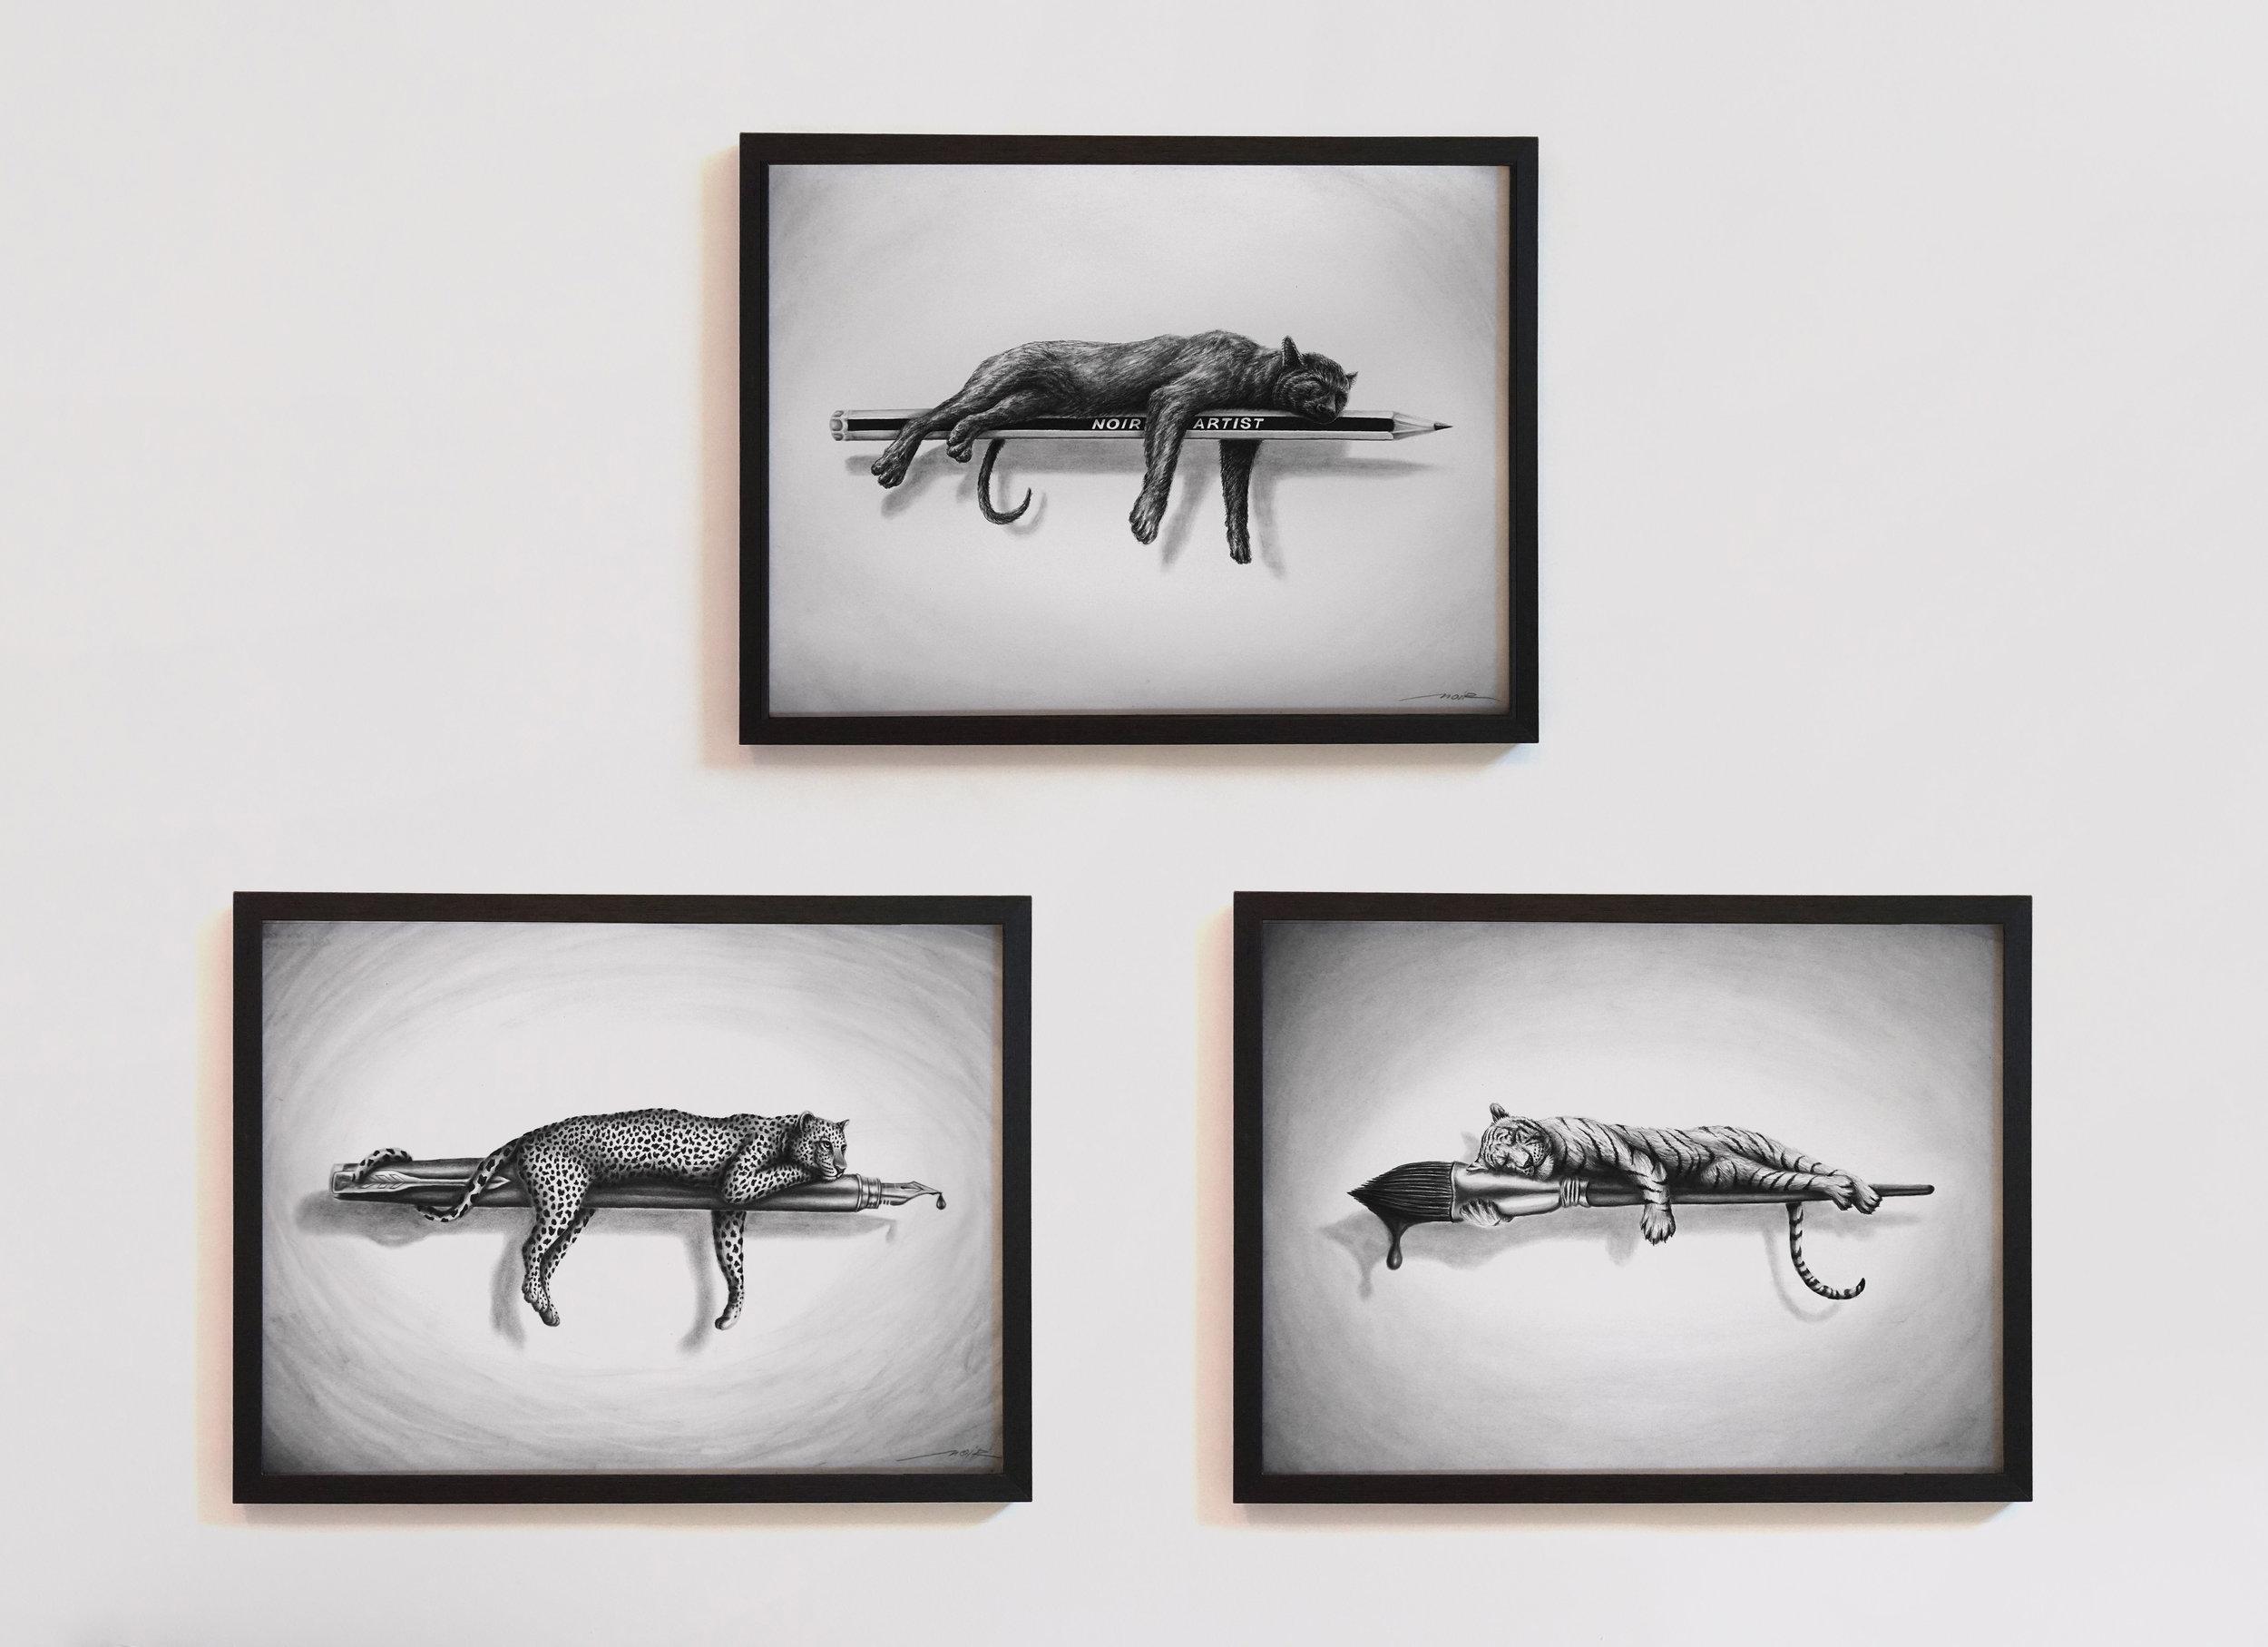 Drawing - Animal serie - 2.jpg